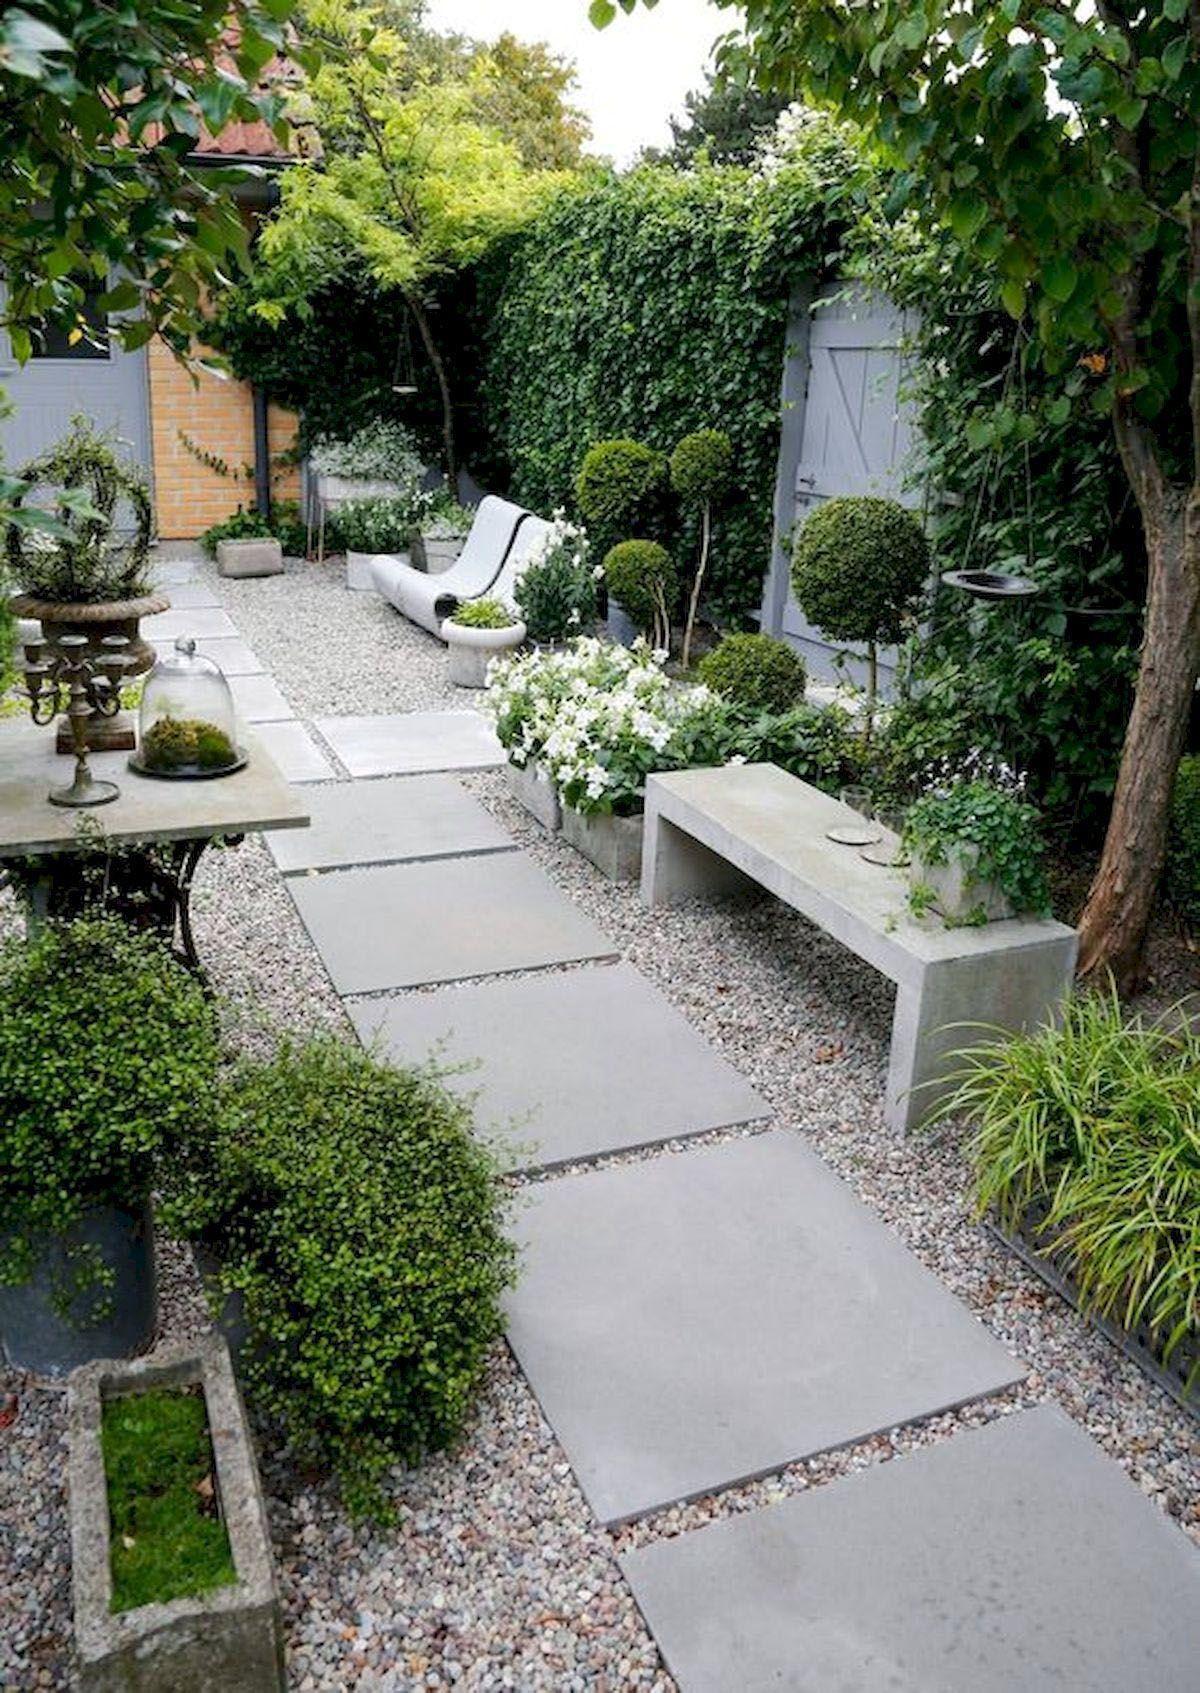 11 Small Garden Ideas To Make Your Garden Comfortable Small Garden Design Side Yard Landscaping Side Garden